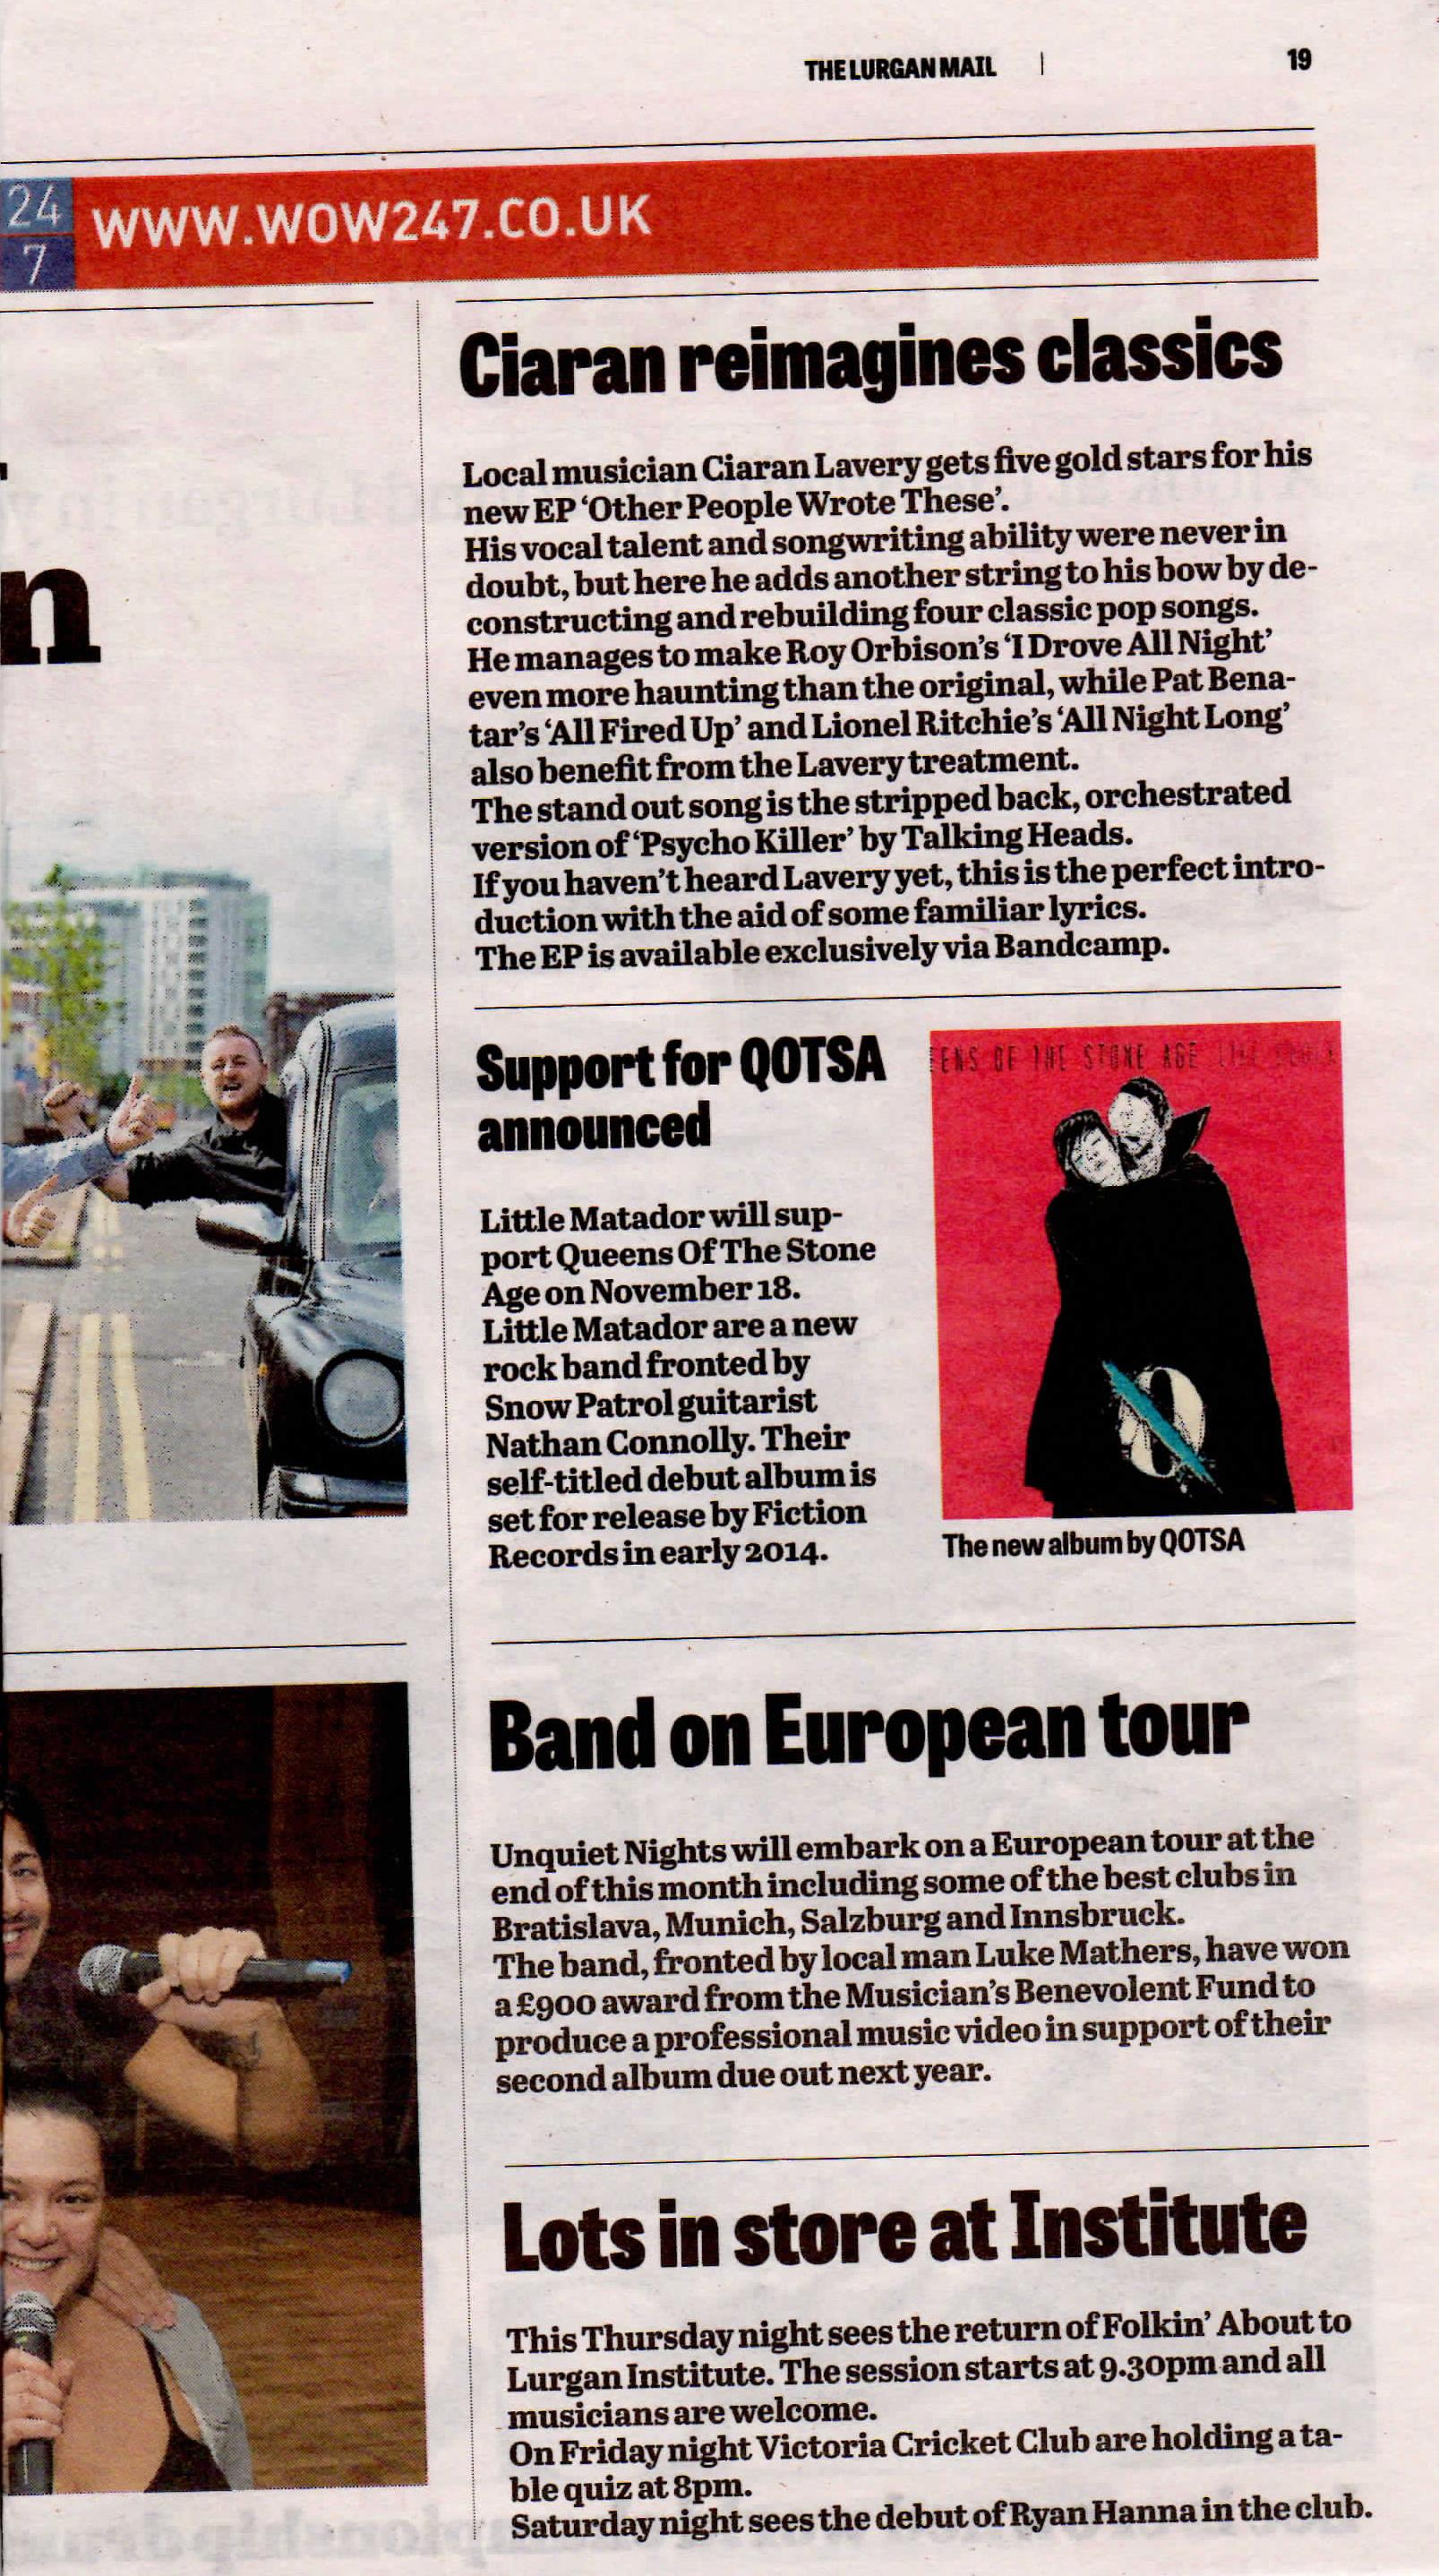 lurgan-mail-september-2013-european-tour[1].jpg